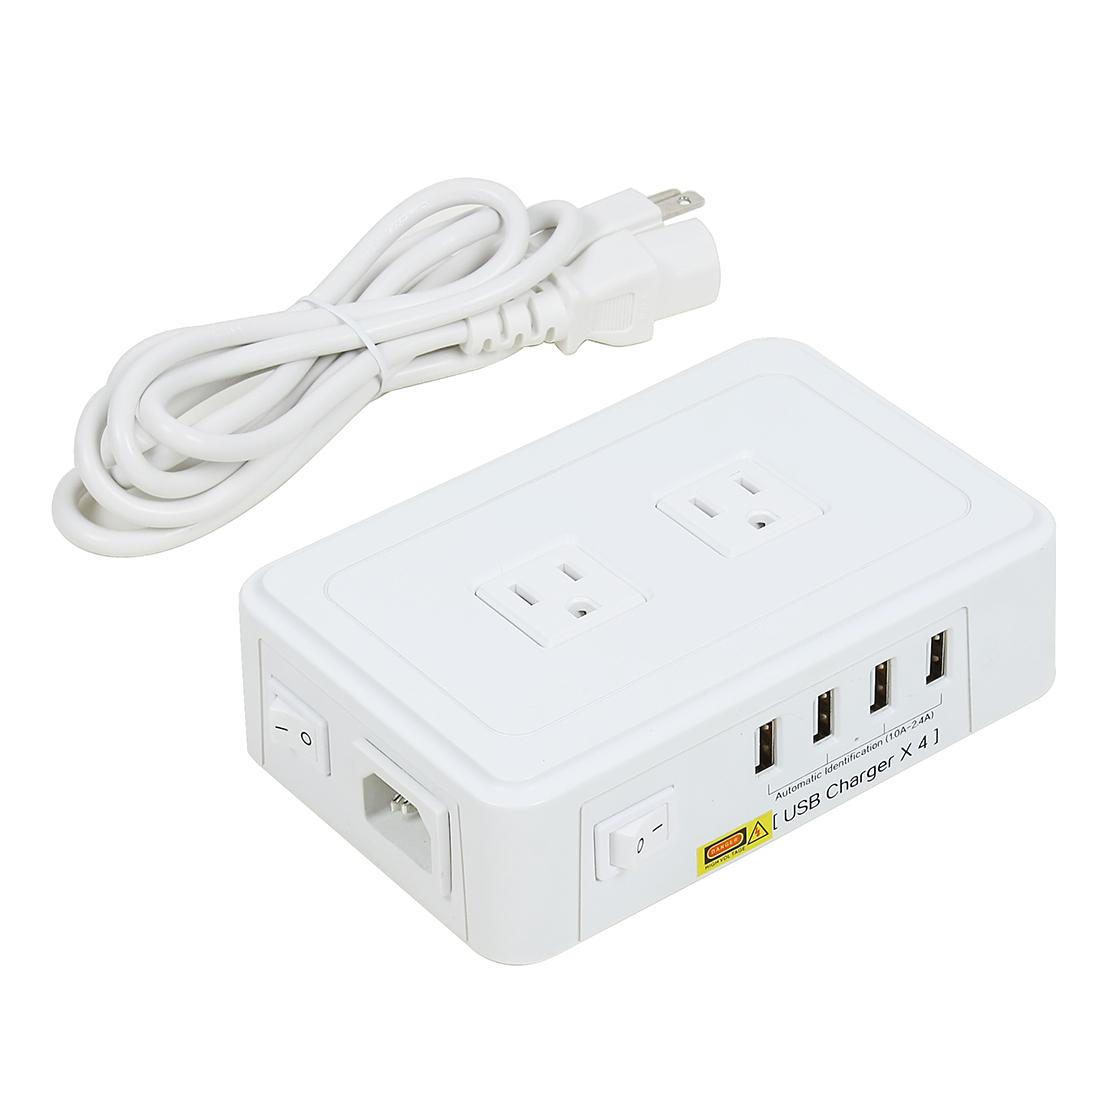 AC 95-240V US Plug 2 US Outlet 4 USB Ports Smart Charging Socket 5ft Cable White